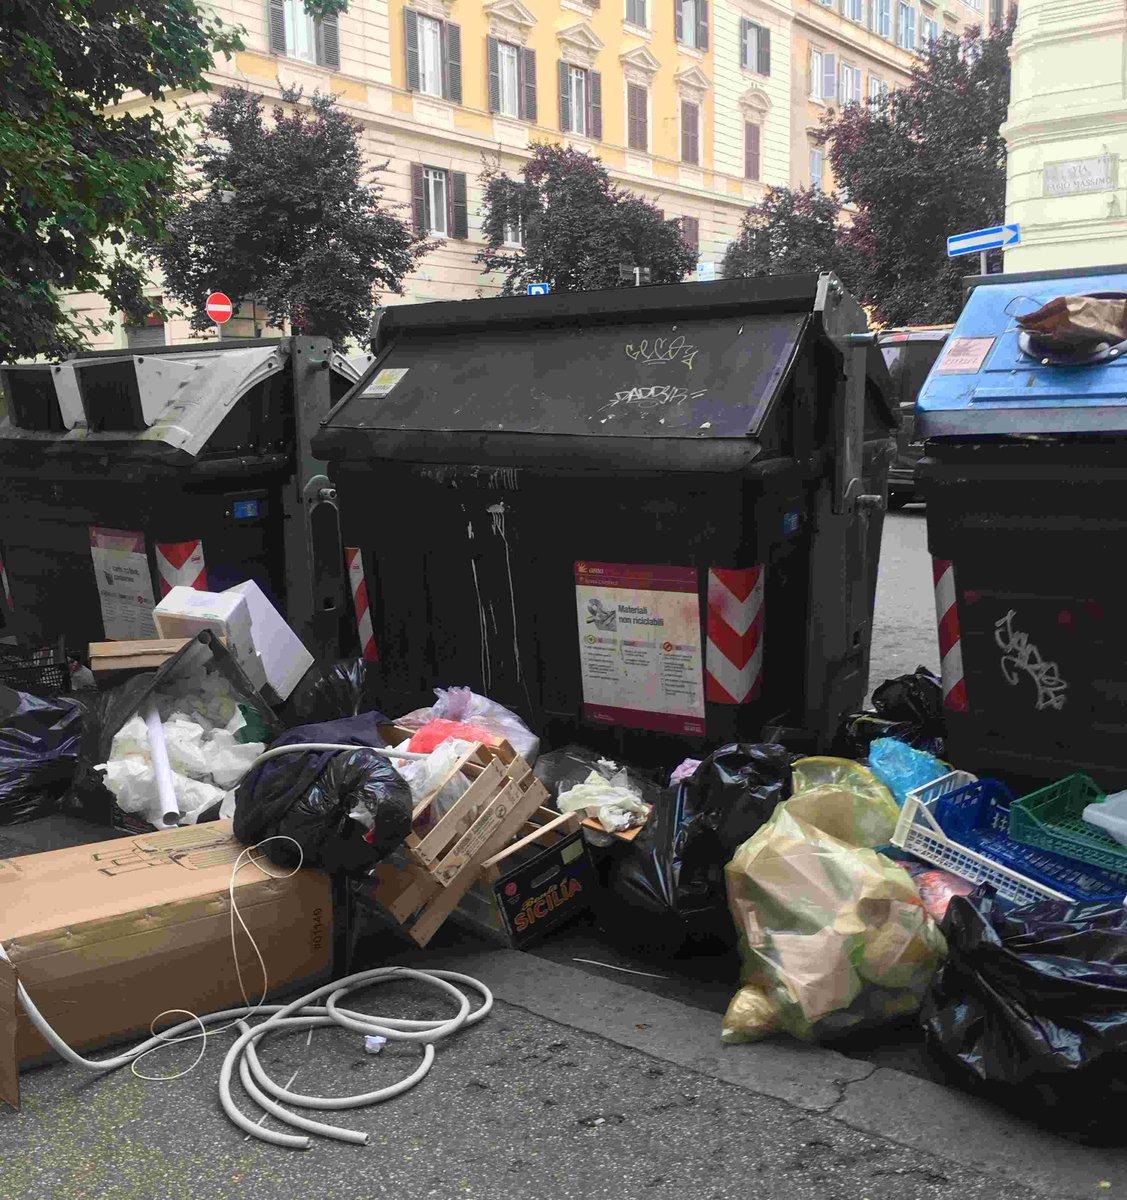 test Twitter Media - Roma è molto democratica: nessuna differenza nel degrado dei quartieri centrali e quelli di periferia. A partire dai rifiuti. @MontanariPin https://t.co/XlzT7dhS3p https://t.co/LmaemiuAgj